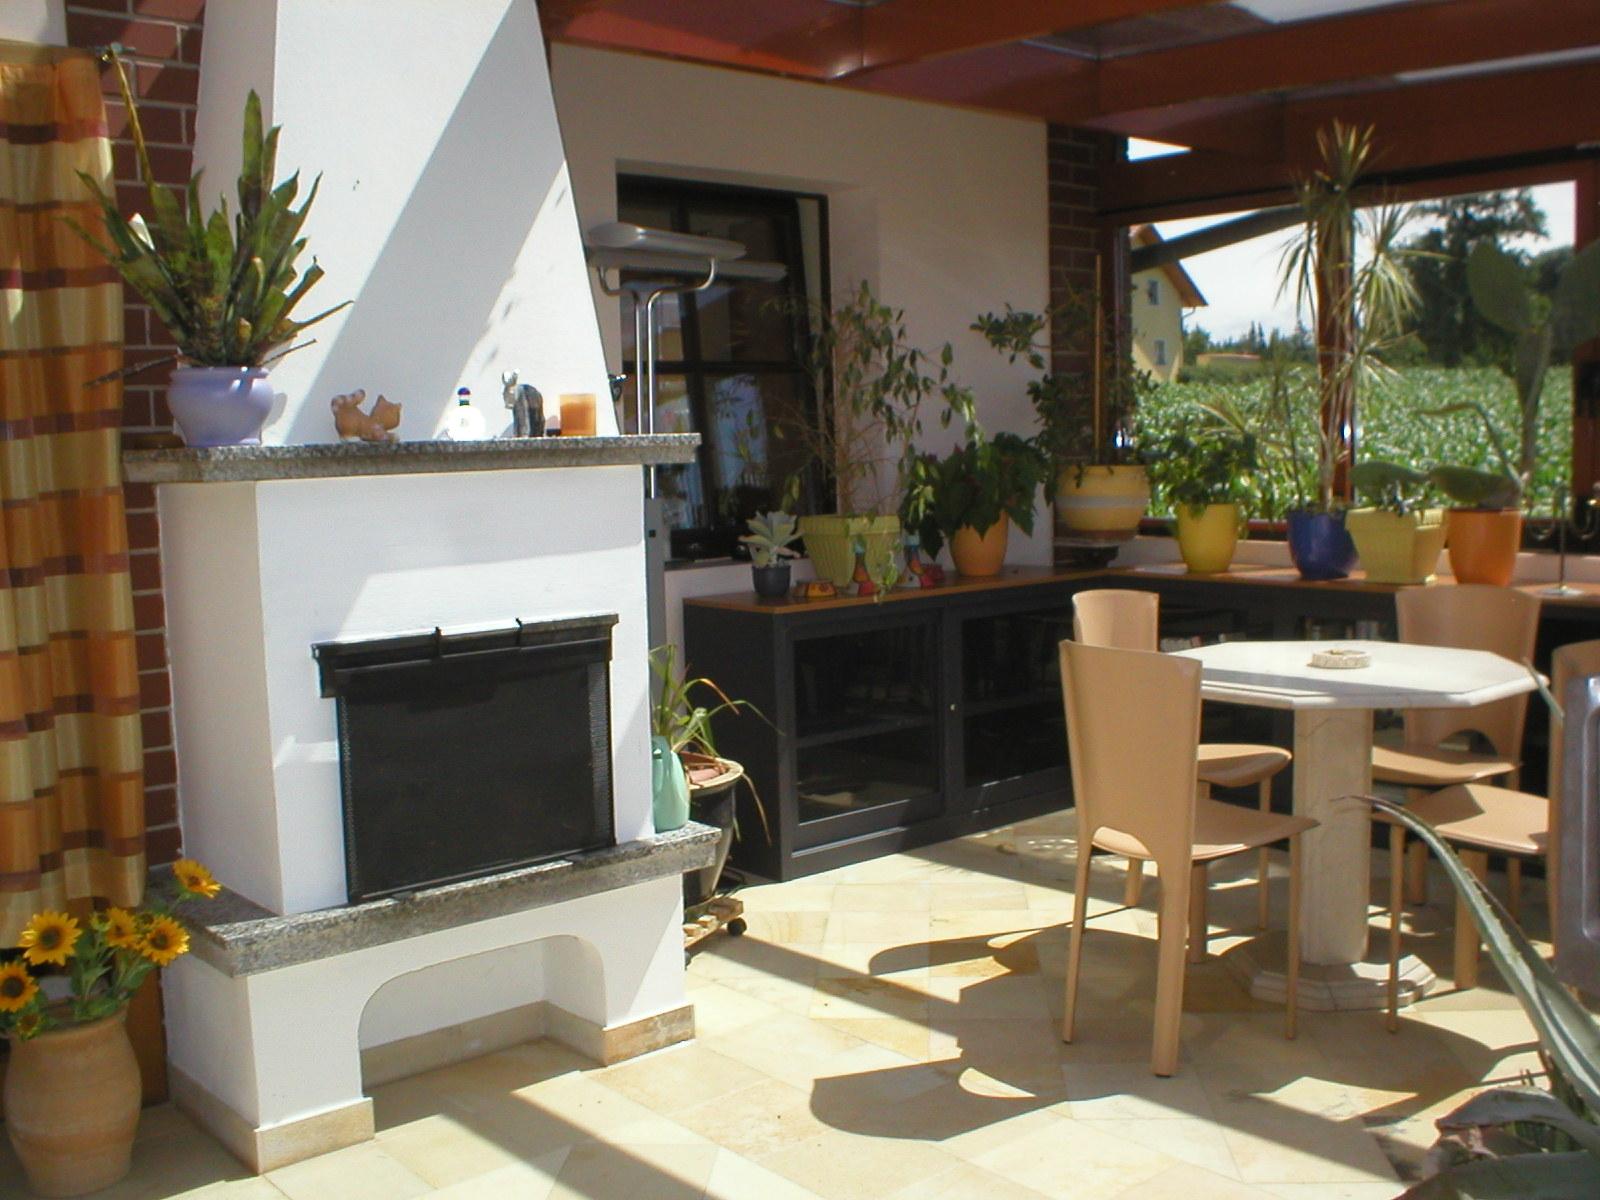 brunis hausverlosung relax wann wird verlost. Black Bedroom Furniture Sets. Home Design Ideas